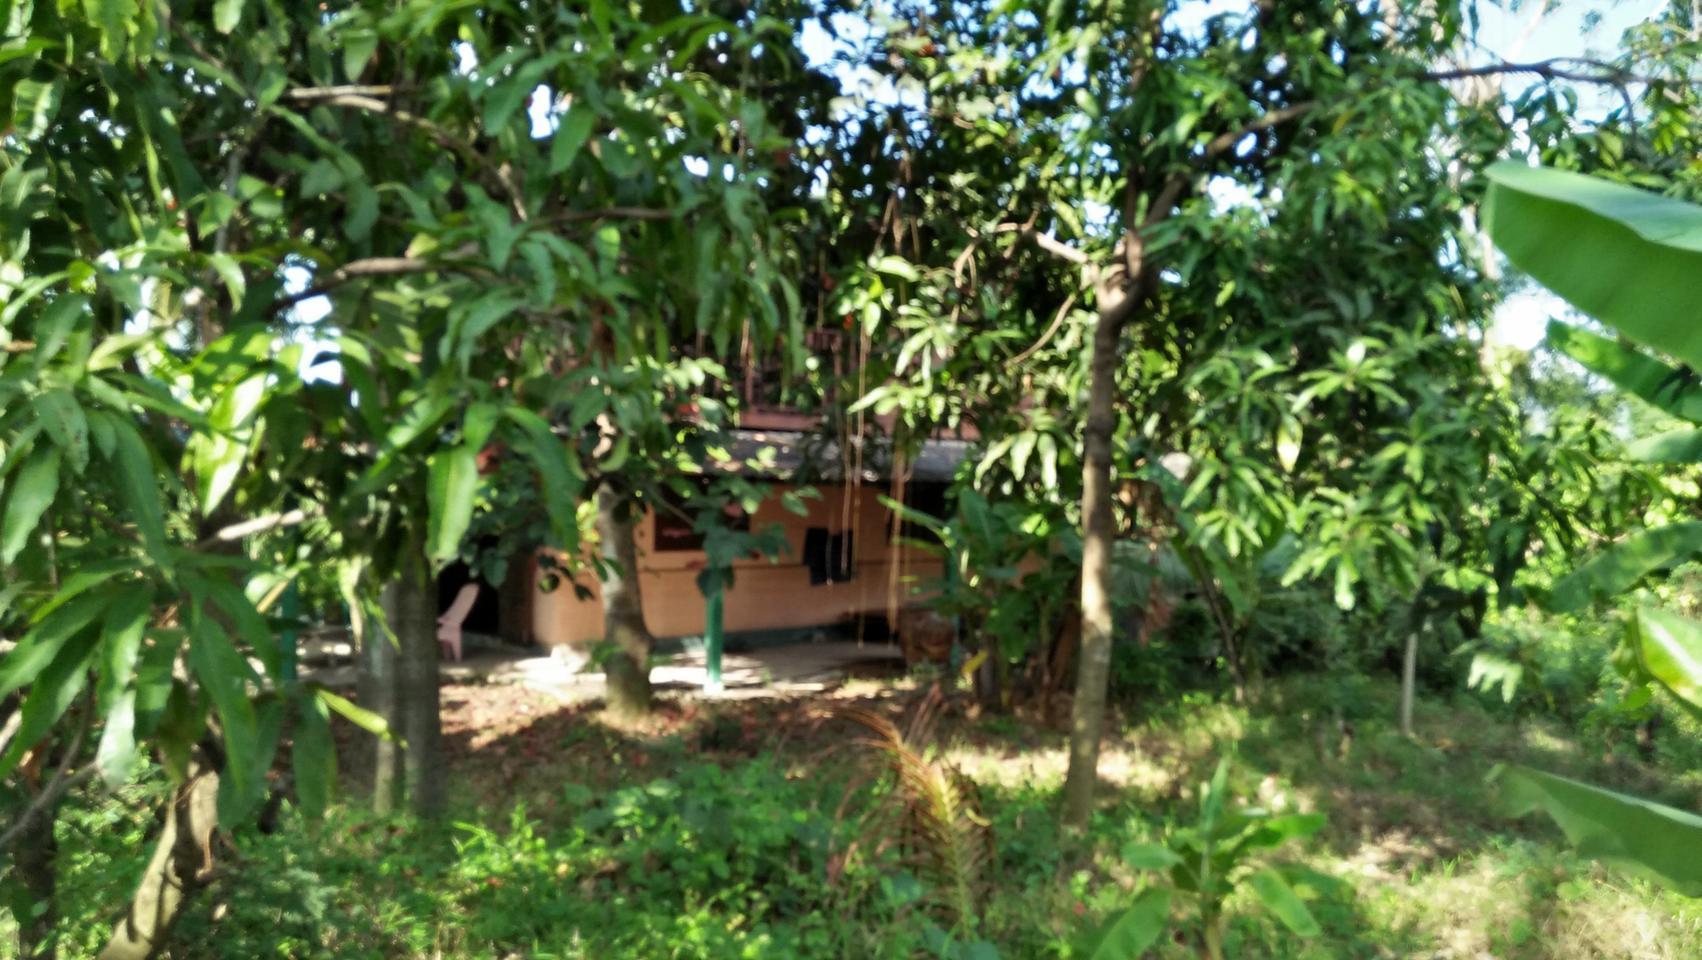 ขายที่ดินสวนไร่กว่า พุทธมณฑลสาย 5  บ้านสวนเหมาะทำเป็นโฮมสเตย รูปที่ 4